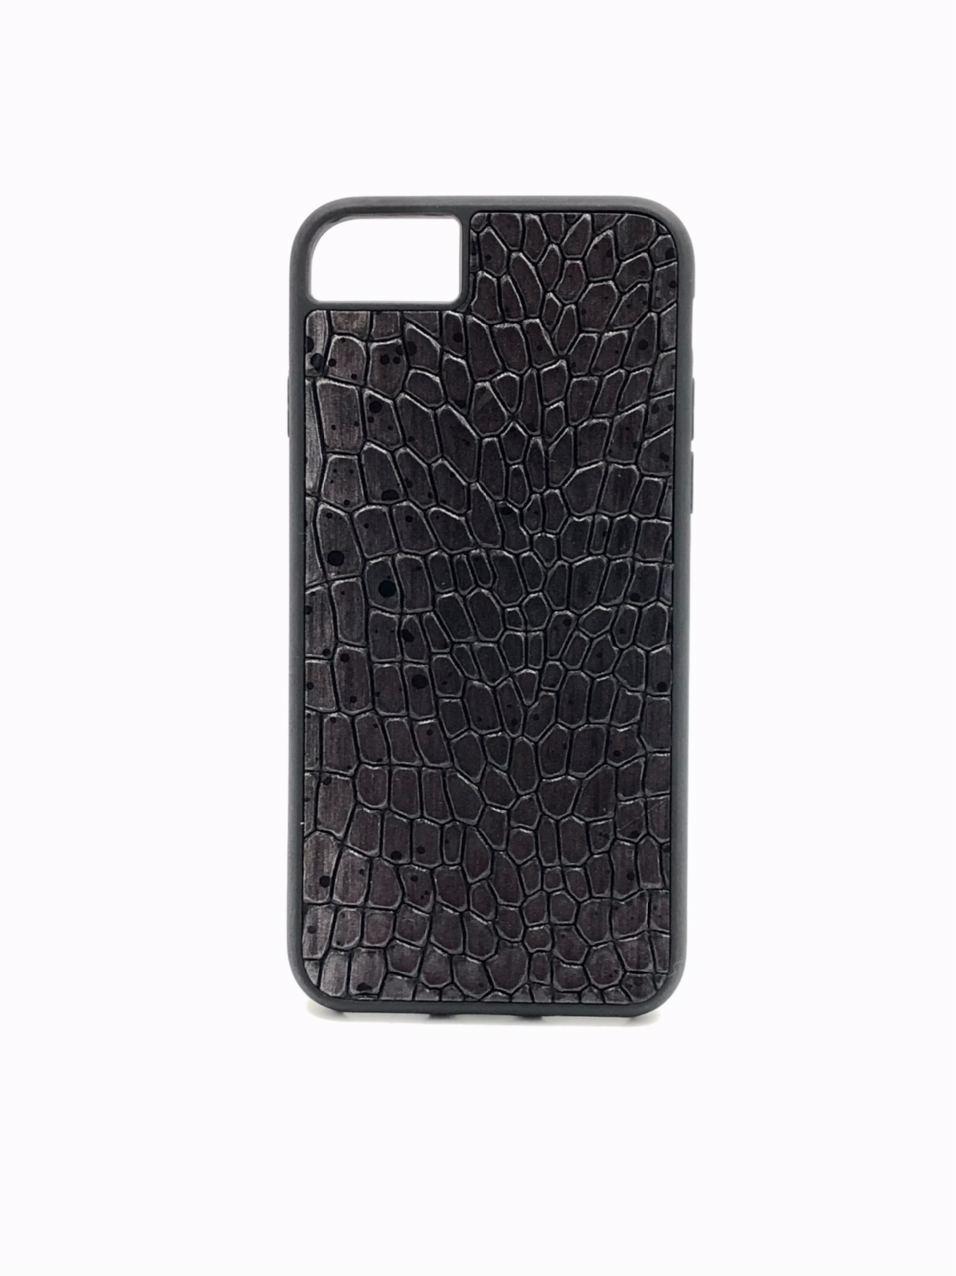 Чехол для iPhone 7/8 чёрного цвета из Телячьей кожи тиснёной под Крокодила